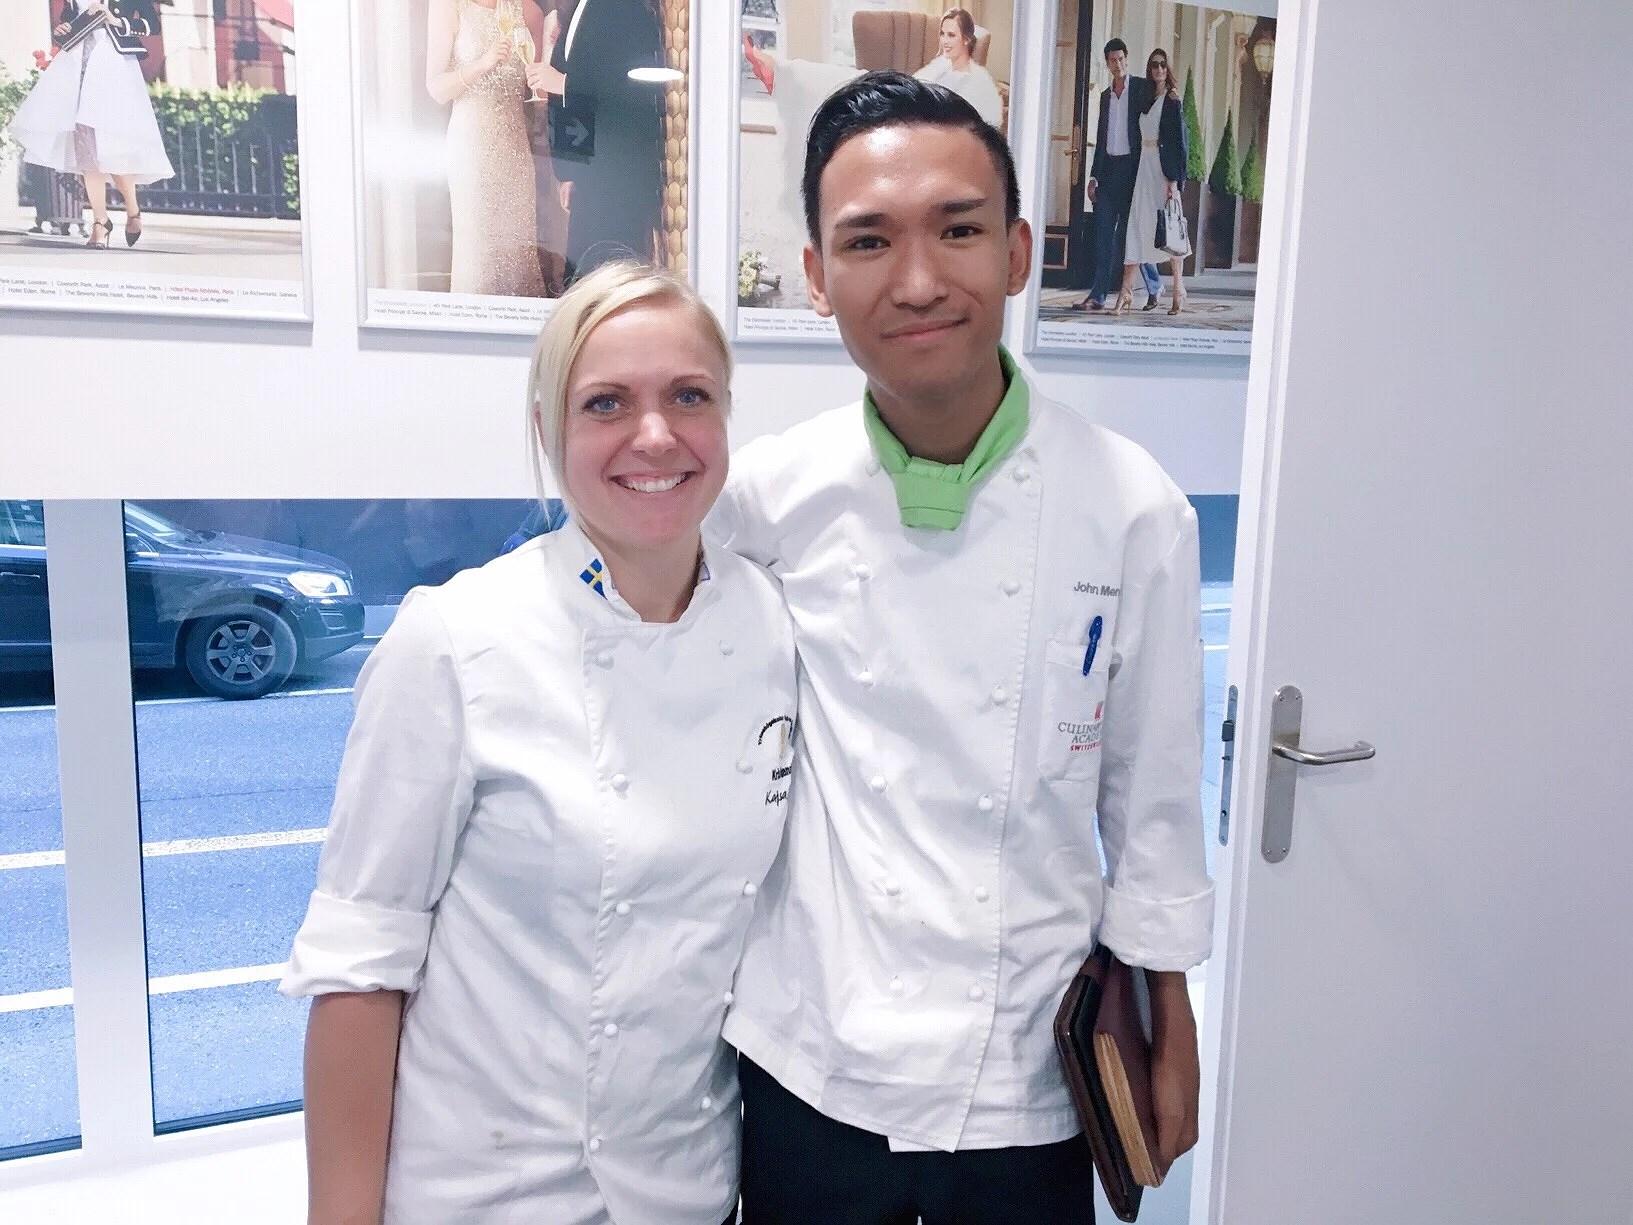 Kajsa Nilsson - Årets Konditor 2016 Visiting Culinary Arts Academy Switzerland